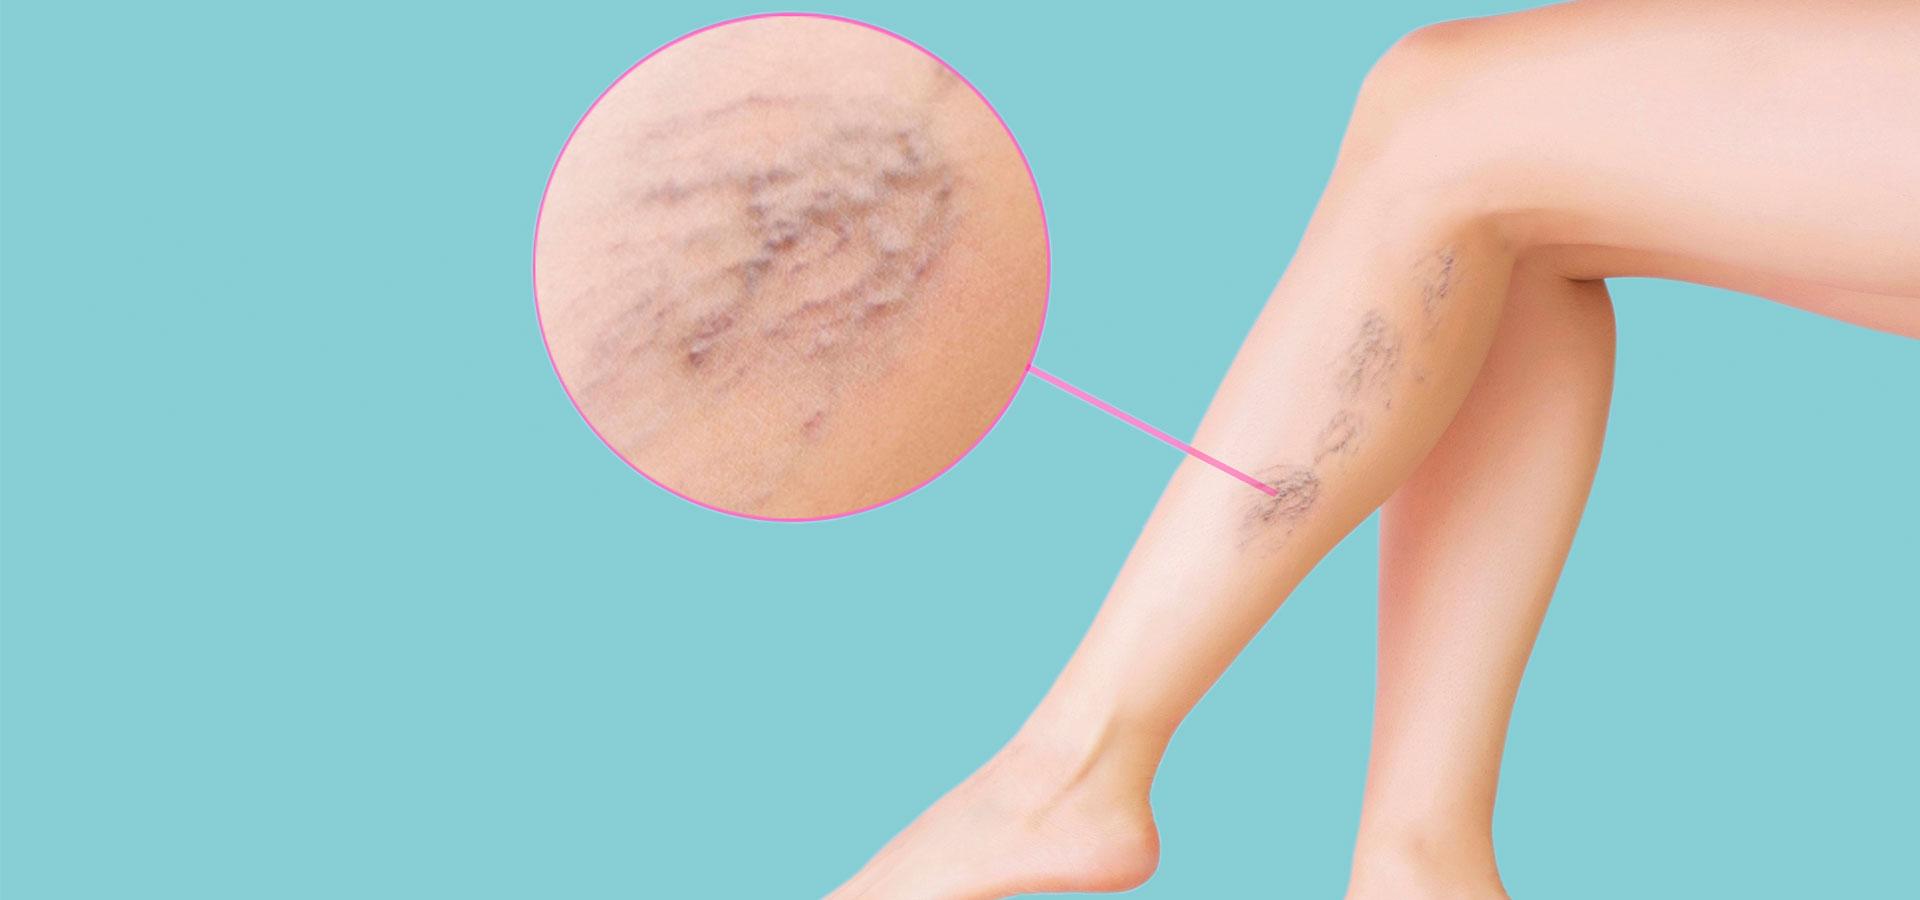 Este posibil să vă înălțați picioarele cu vene varicoase? - Simptome